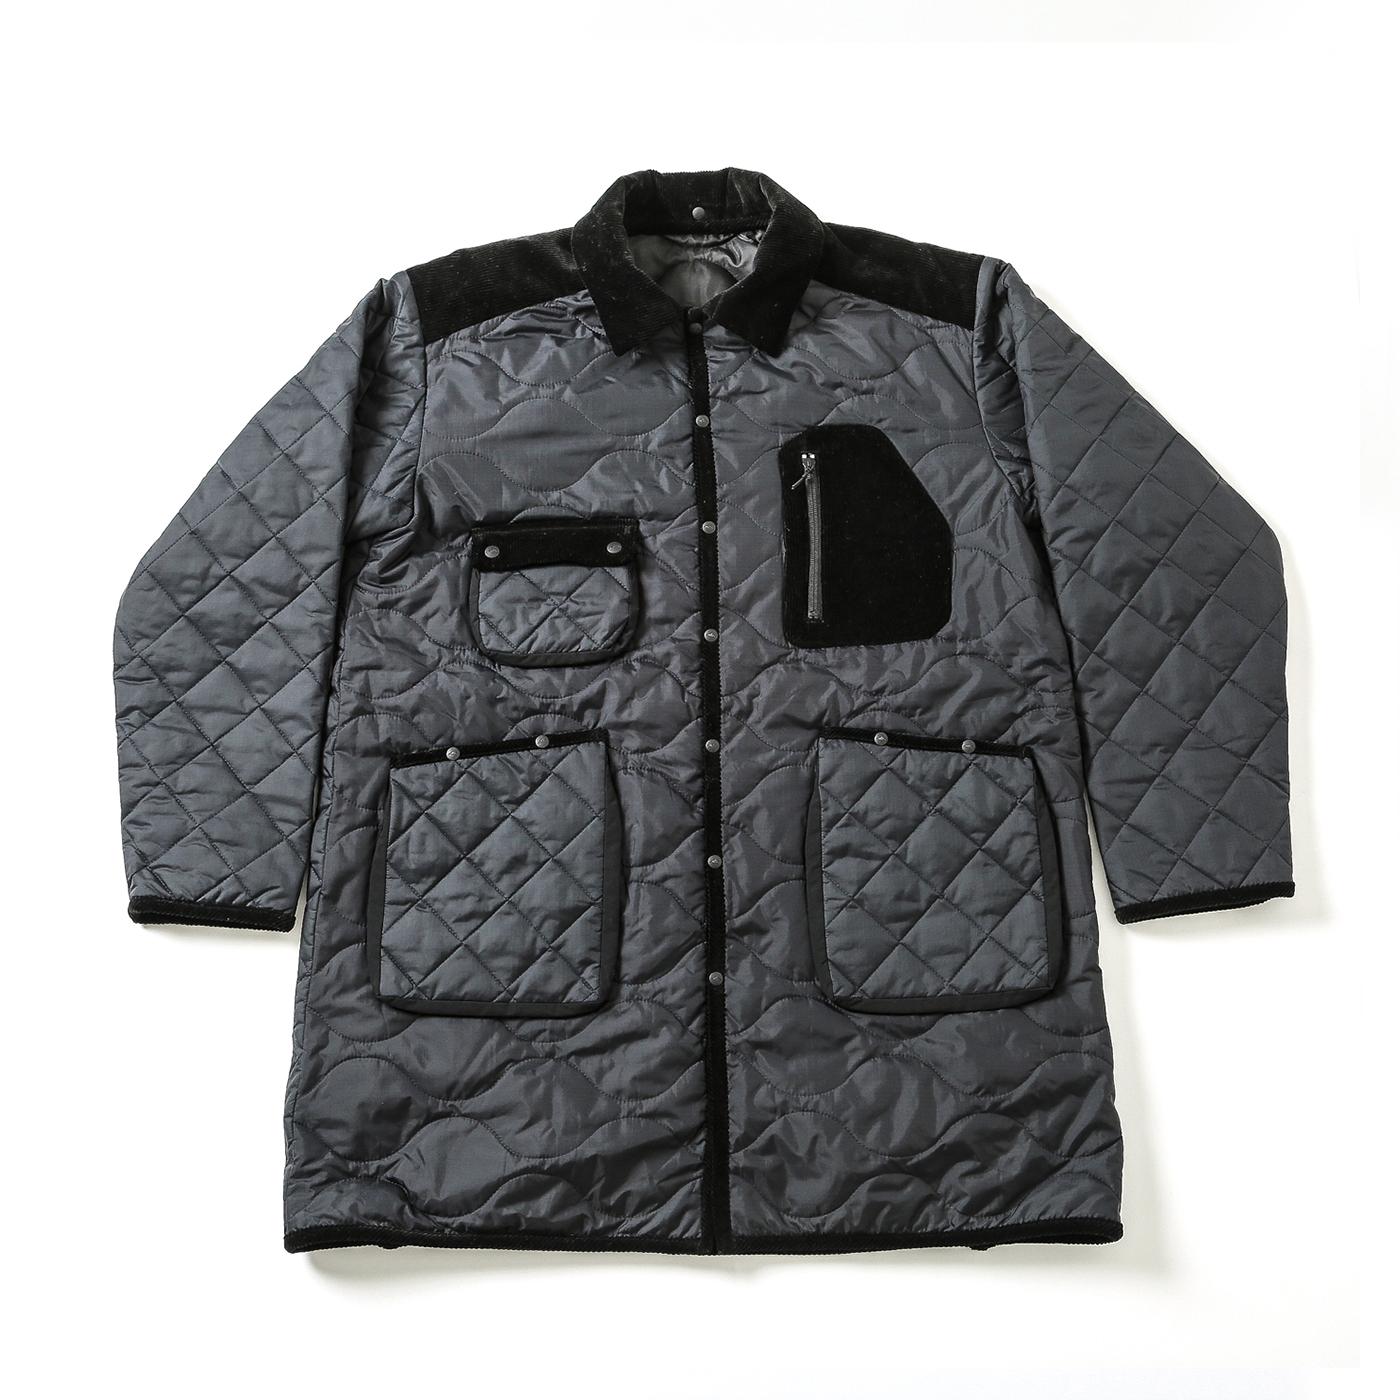 product: Aspen / color: BLACK 1